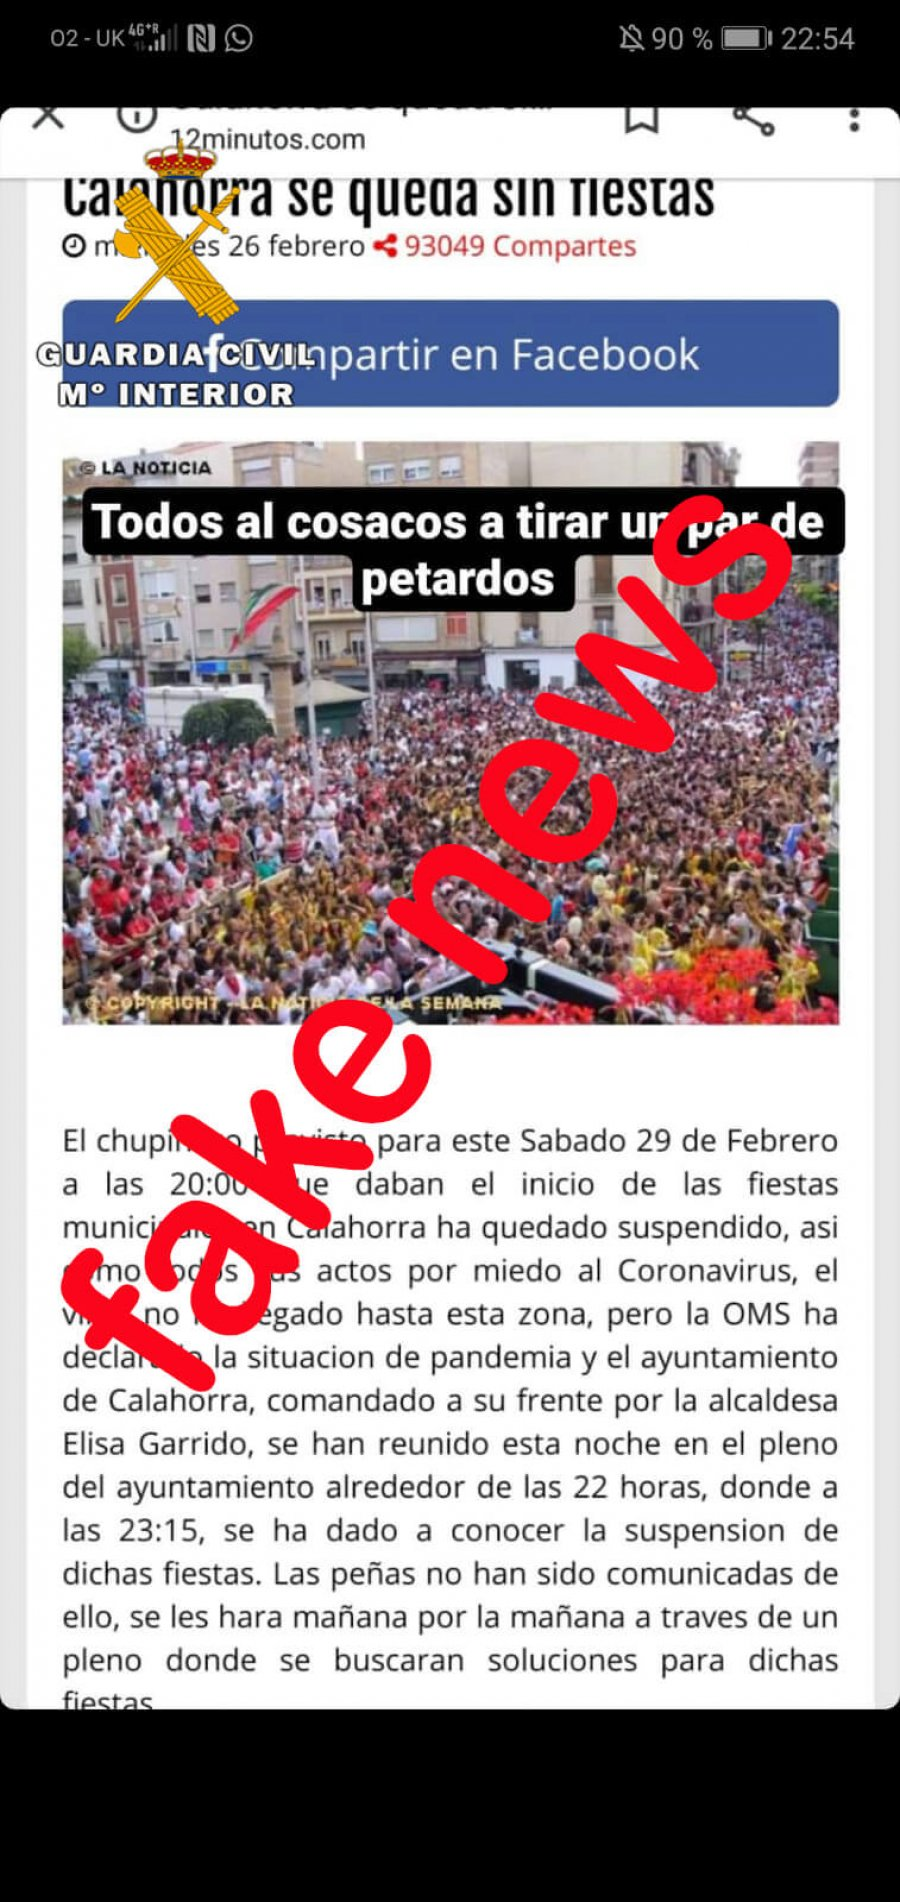 CALAHORRA fake news chupinazo